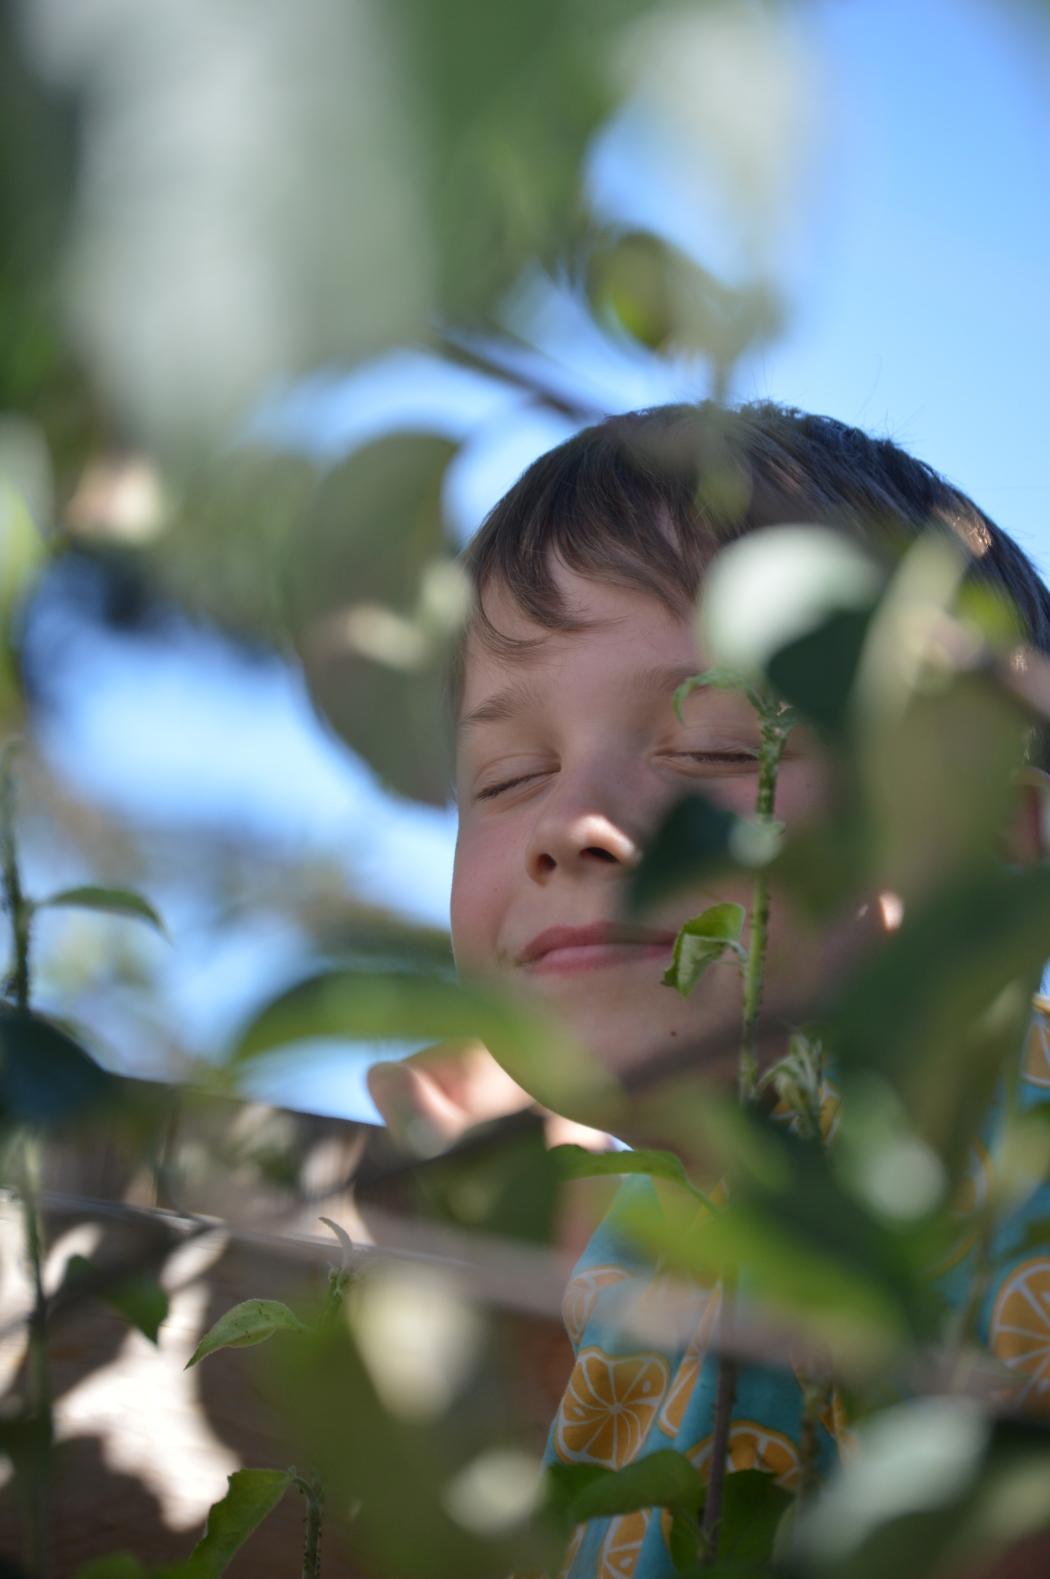 Our Montessori Life 2020: Our Essential 9